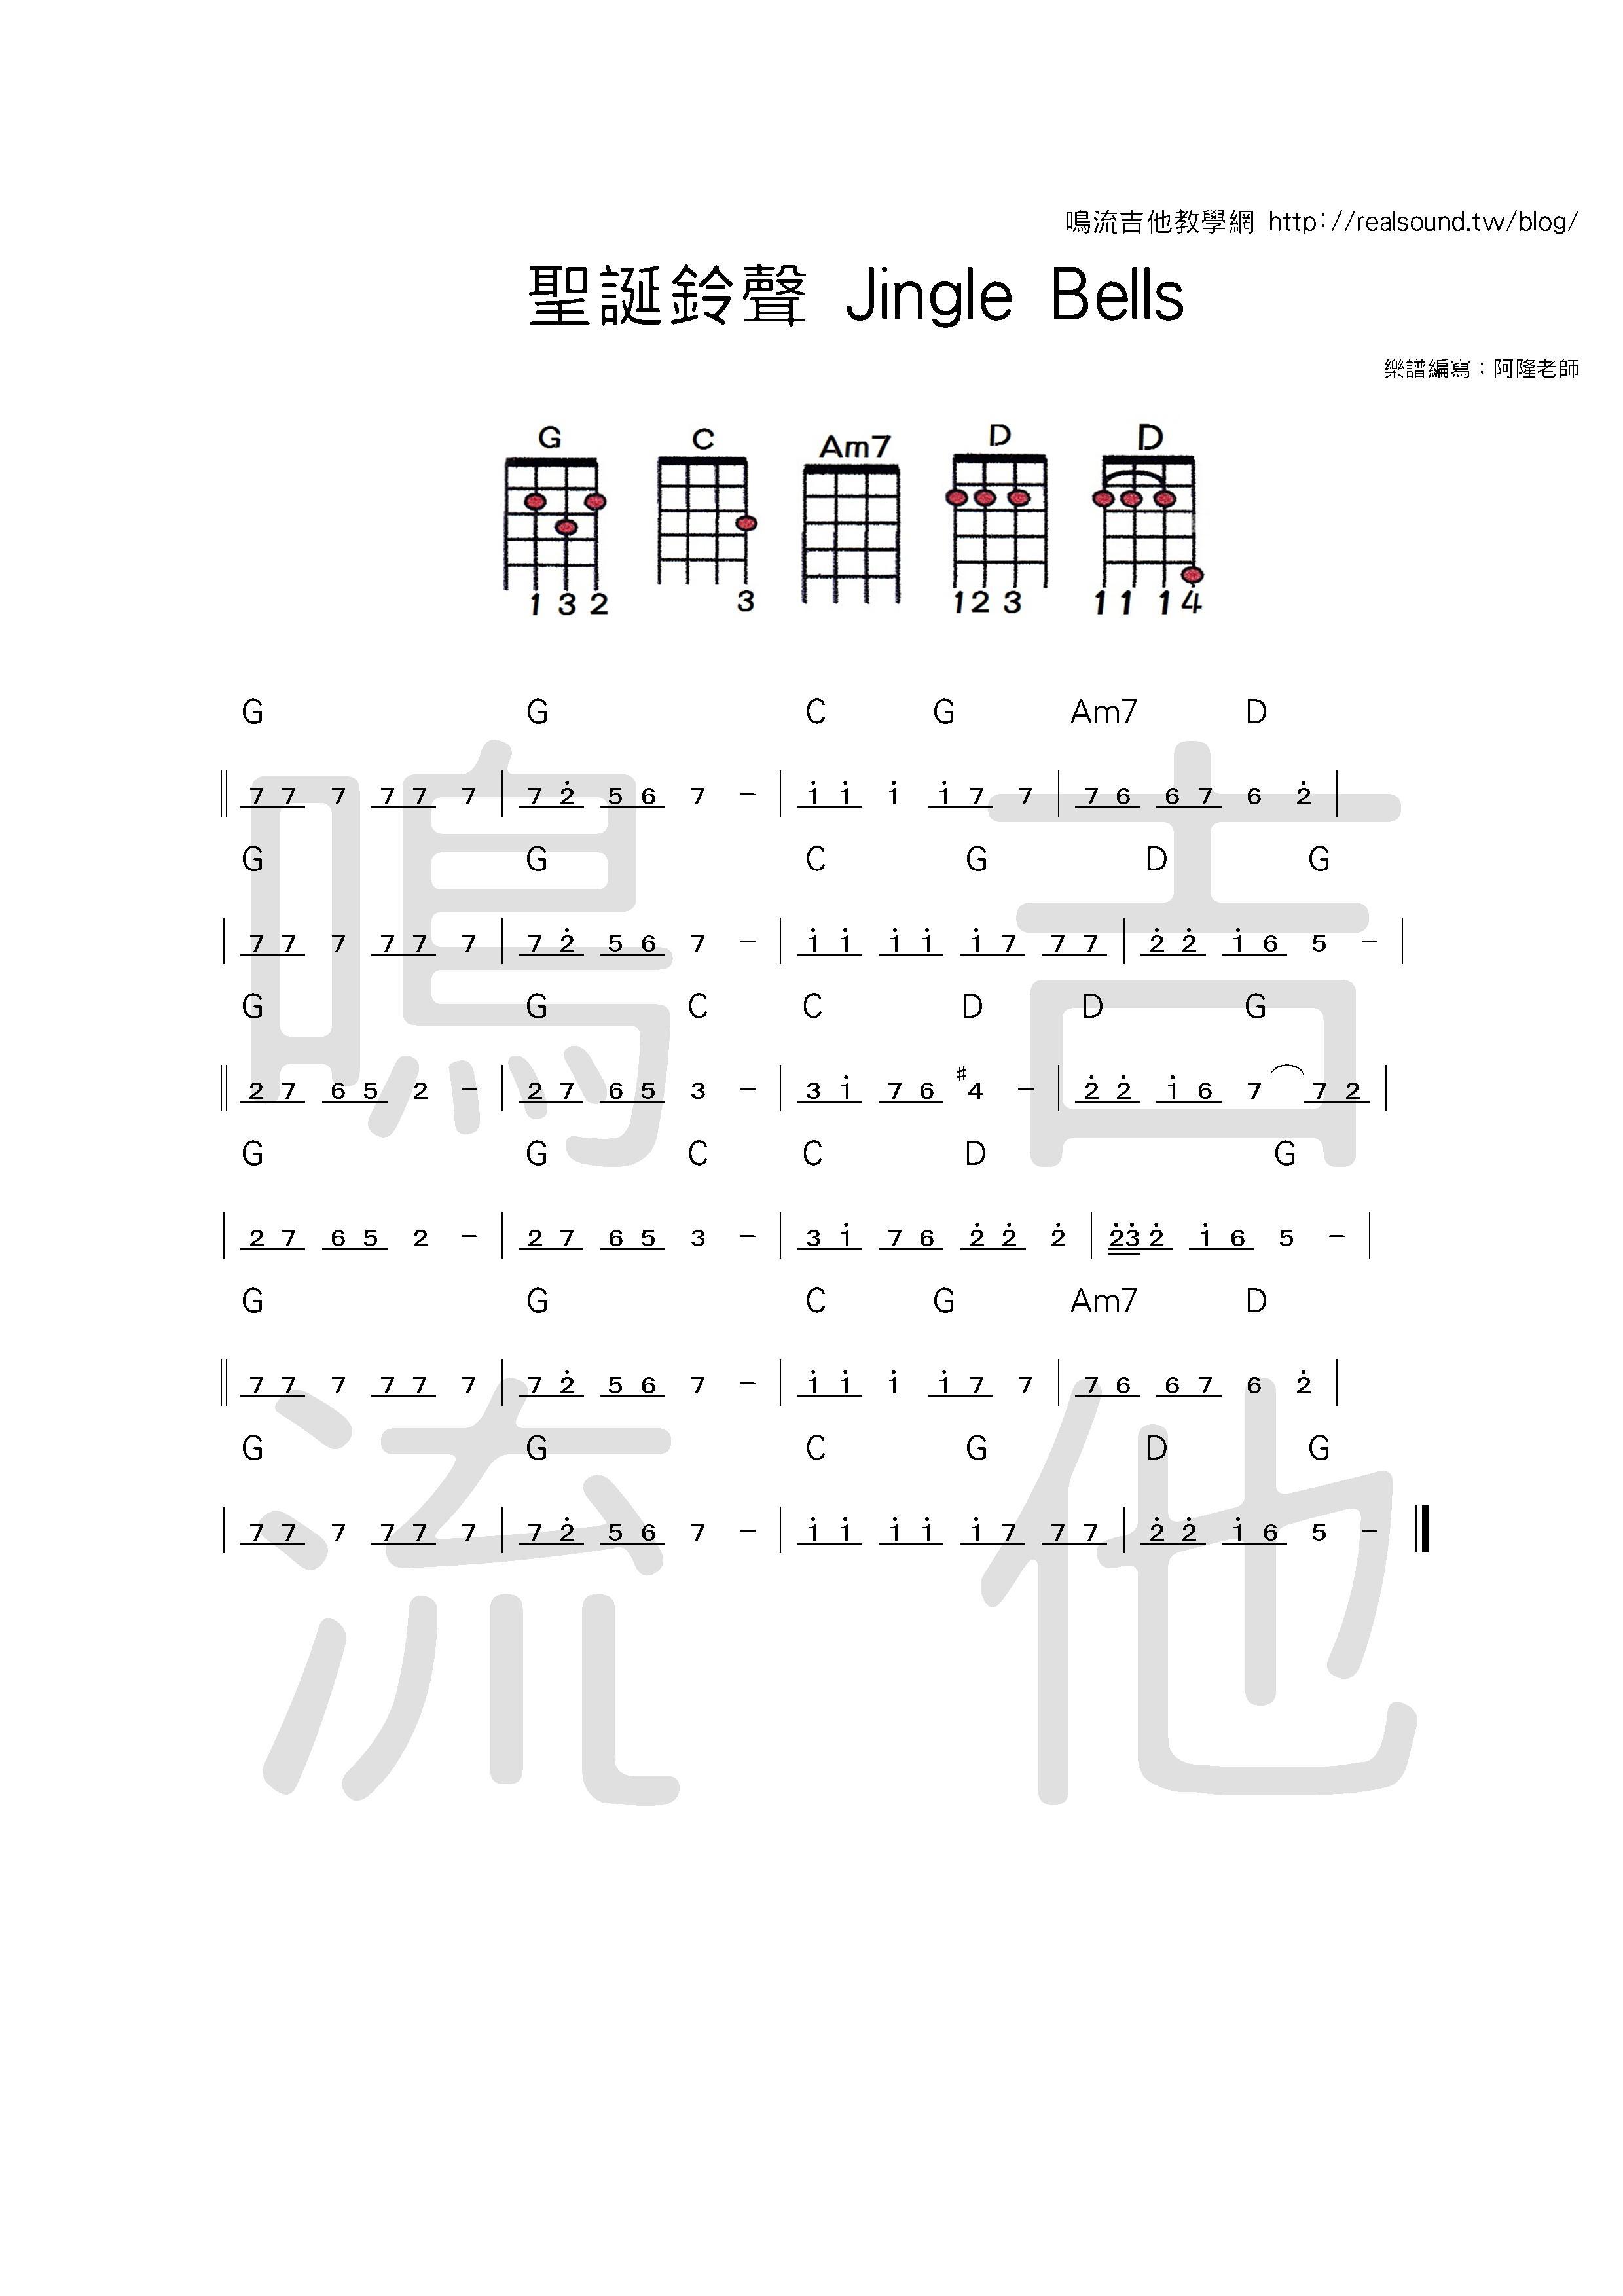 聖誕鈴聲Jingle Bells 烏克麗麗(單音版)樂譜下載 | 鳴流吉他教學網 | 吉他譜下載 | 線上學吉他,最新流行吉他/烏 ...